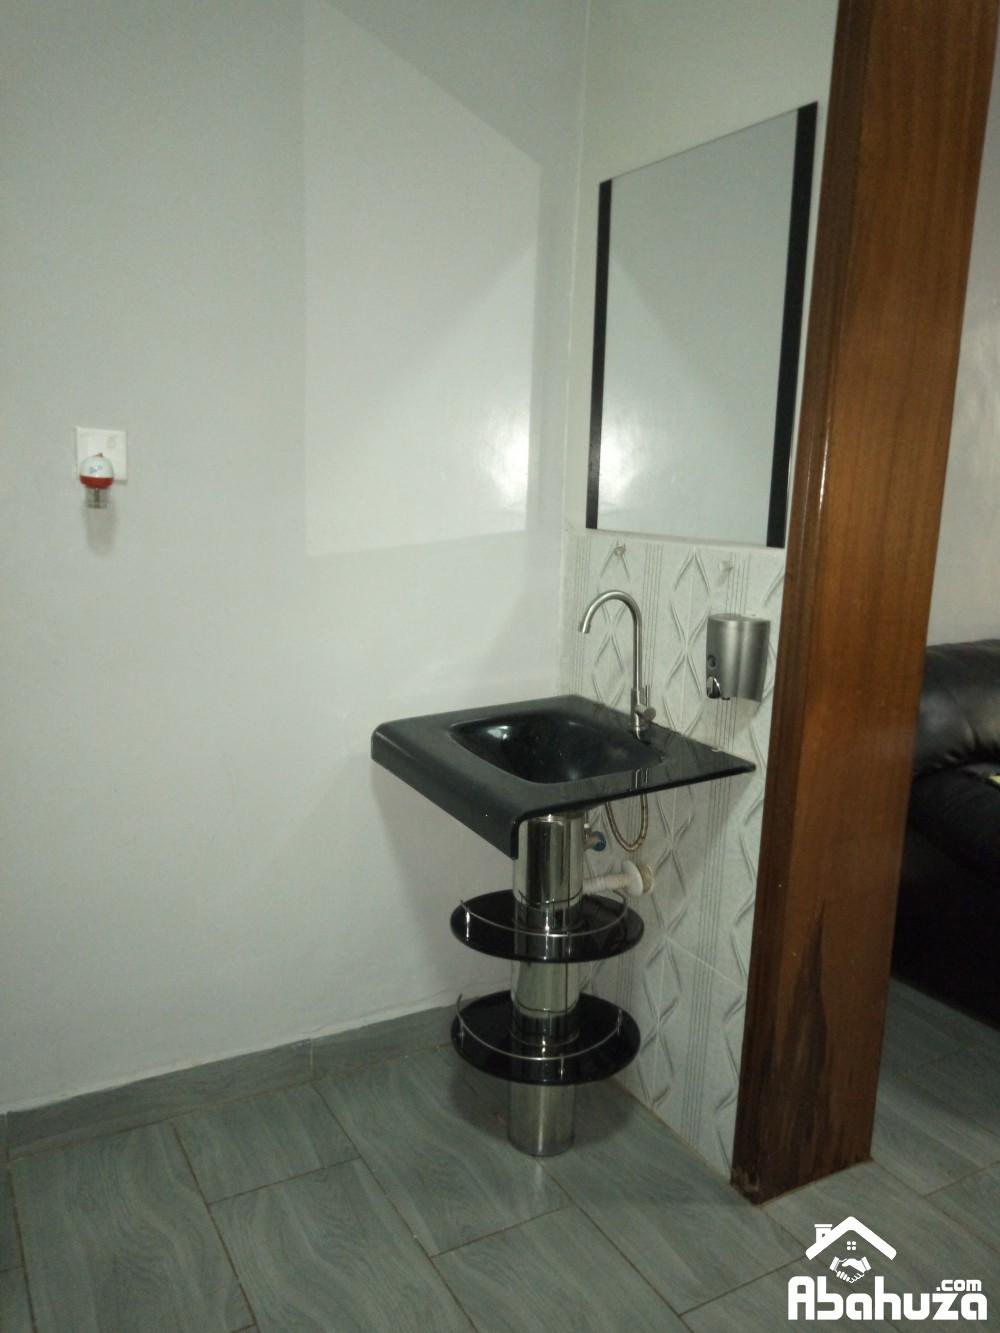 13. Hand wash area